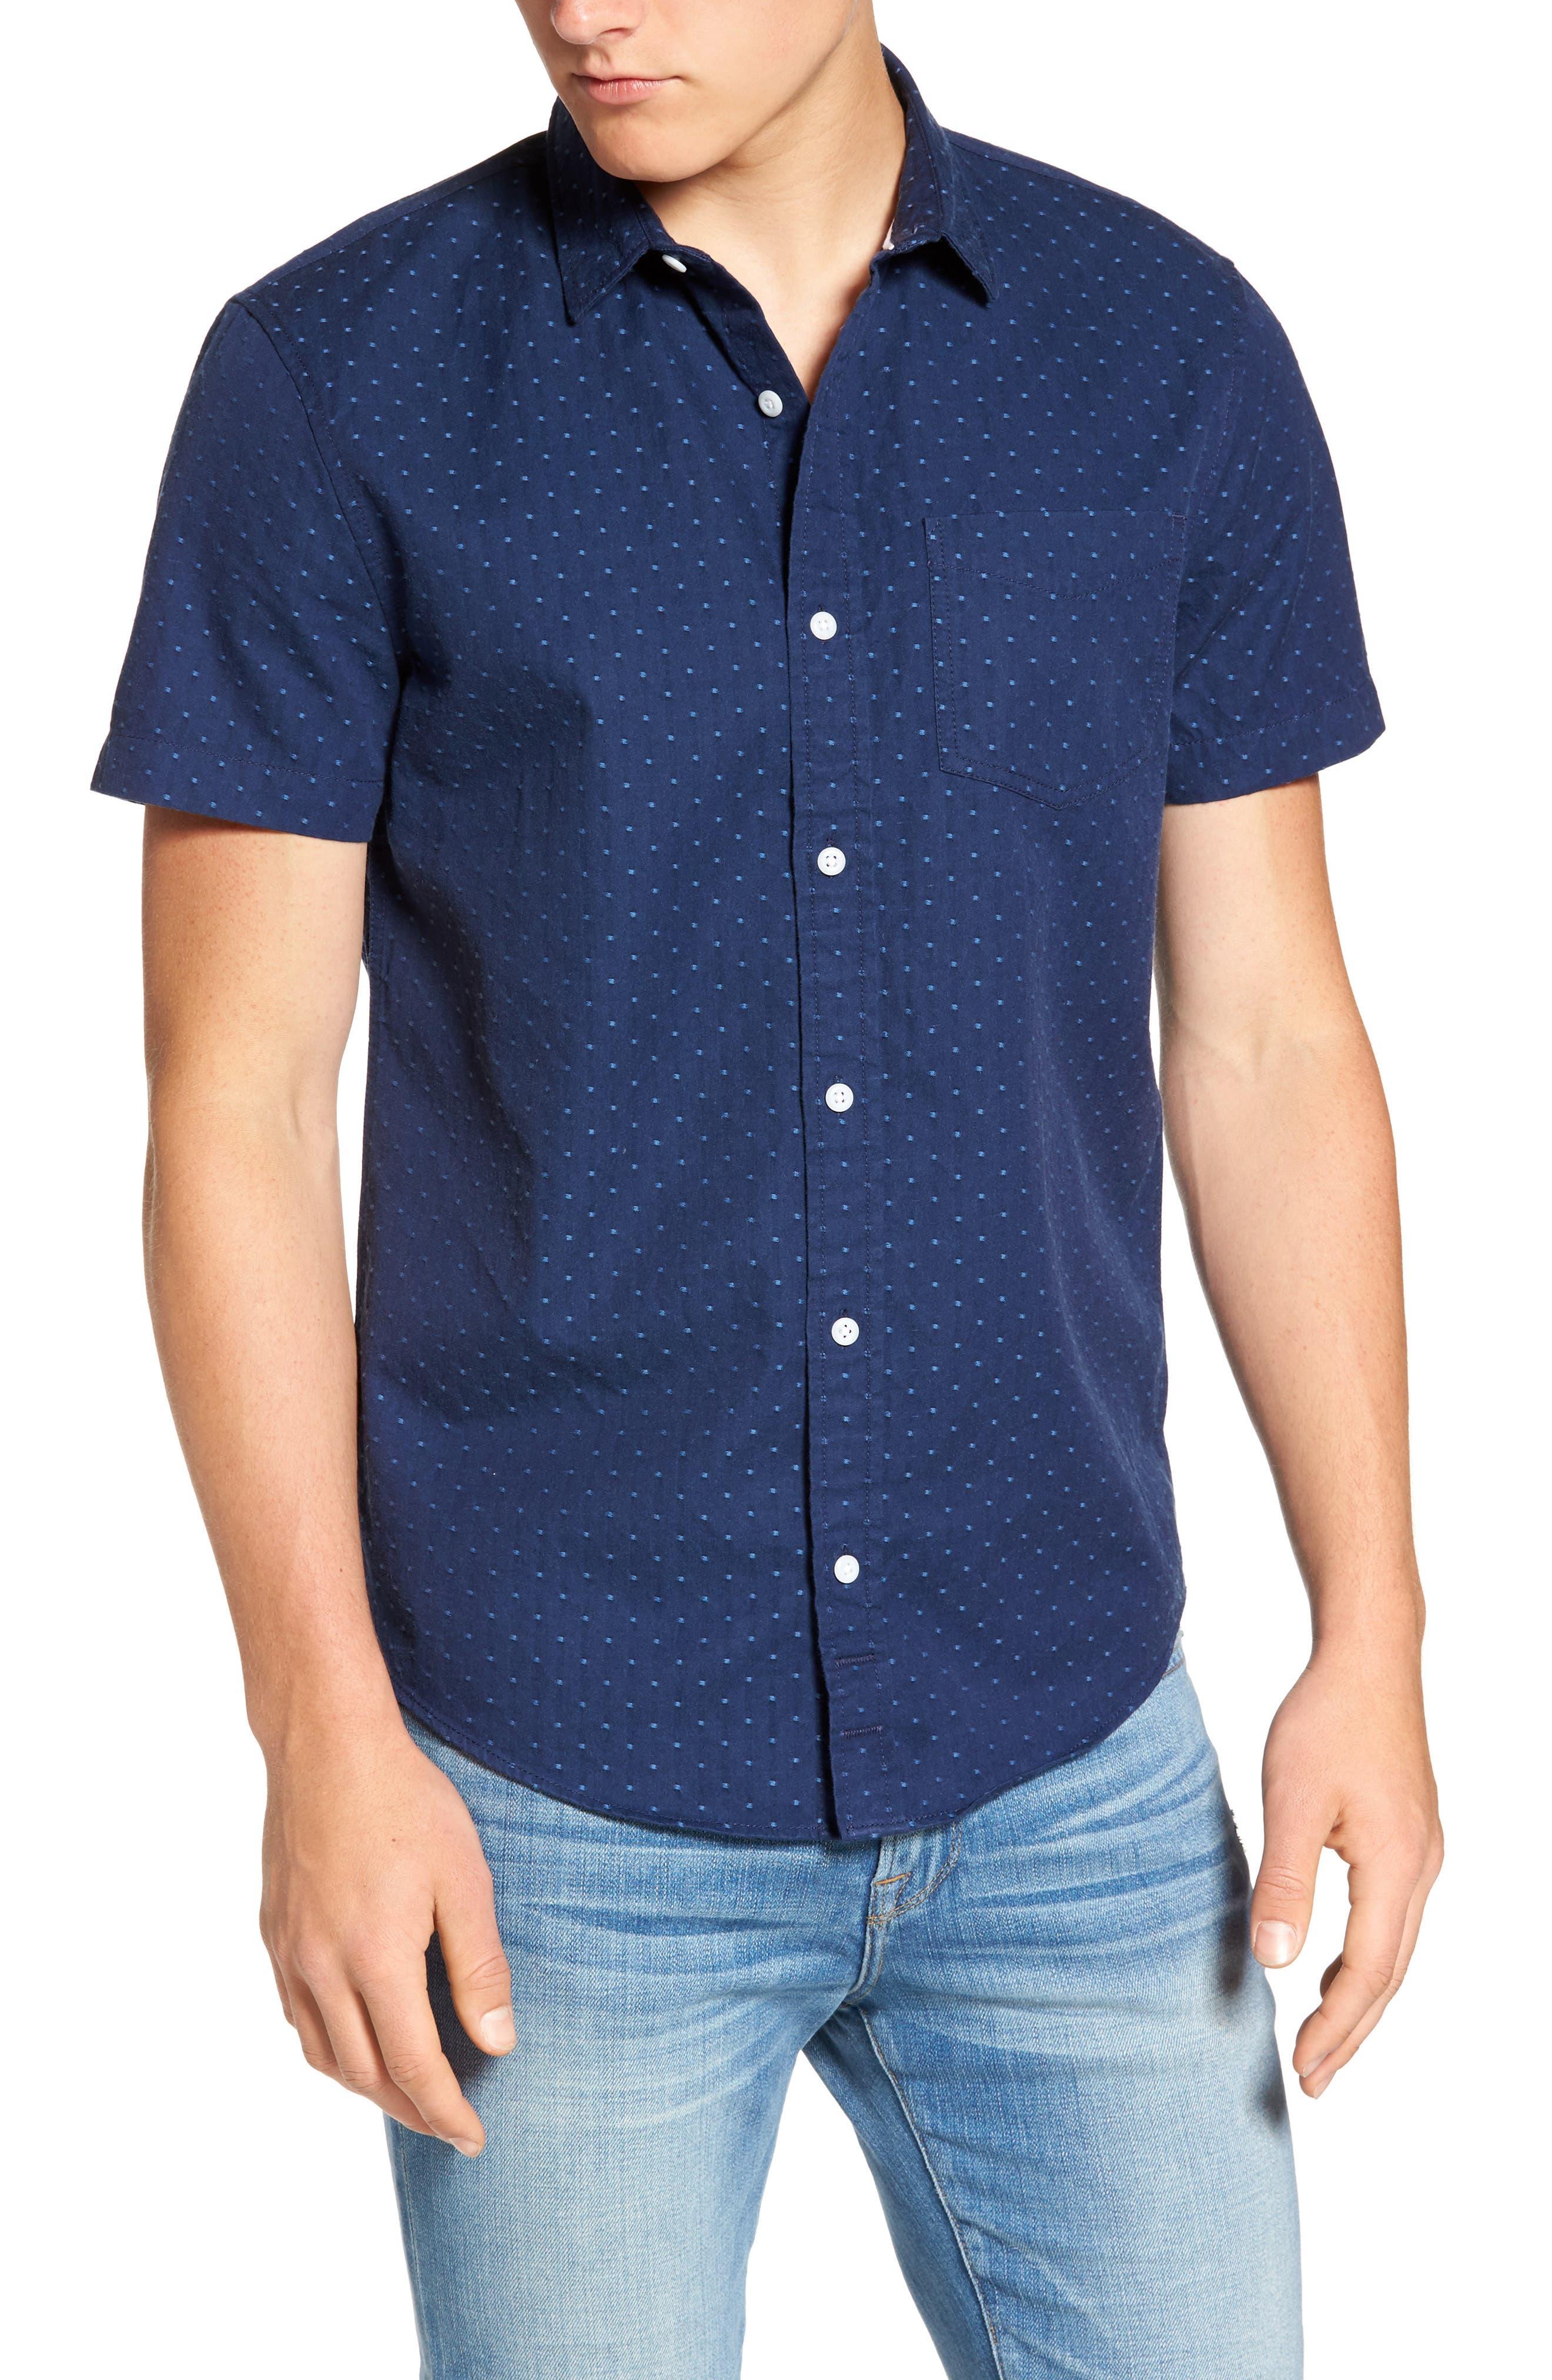 1901 Duofold Dobby Shirt